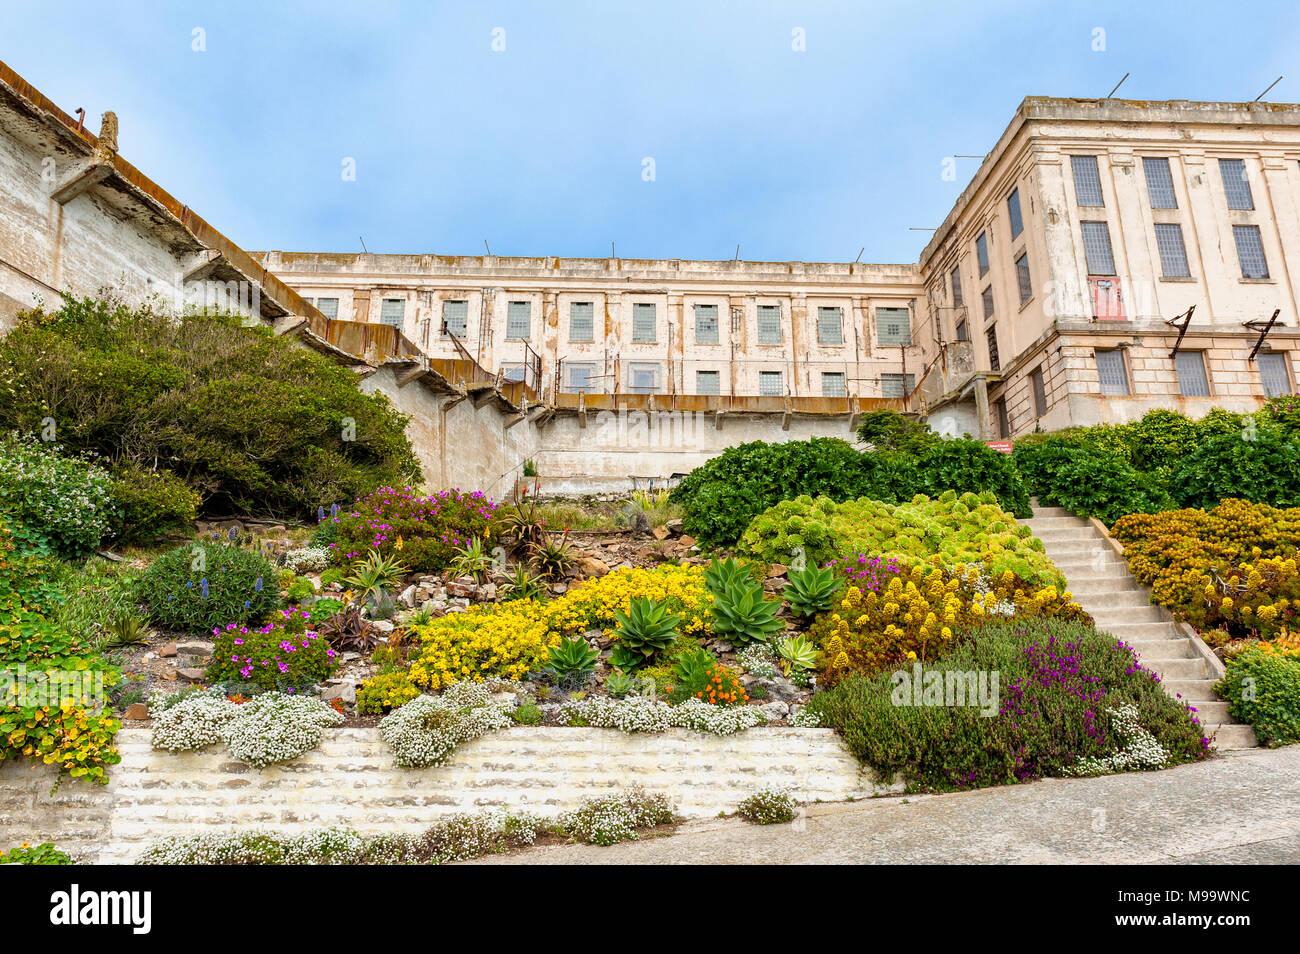 Giardini prigioniero sull isola di Alcatraz nella Baia di San Francisco, California, Stati Uniti d'America. Isola di Alcatraz ospita un carcere abbandonato ed è ora un museo. Immagini Stock